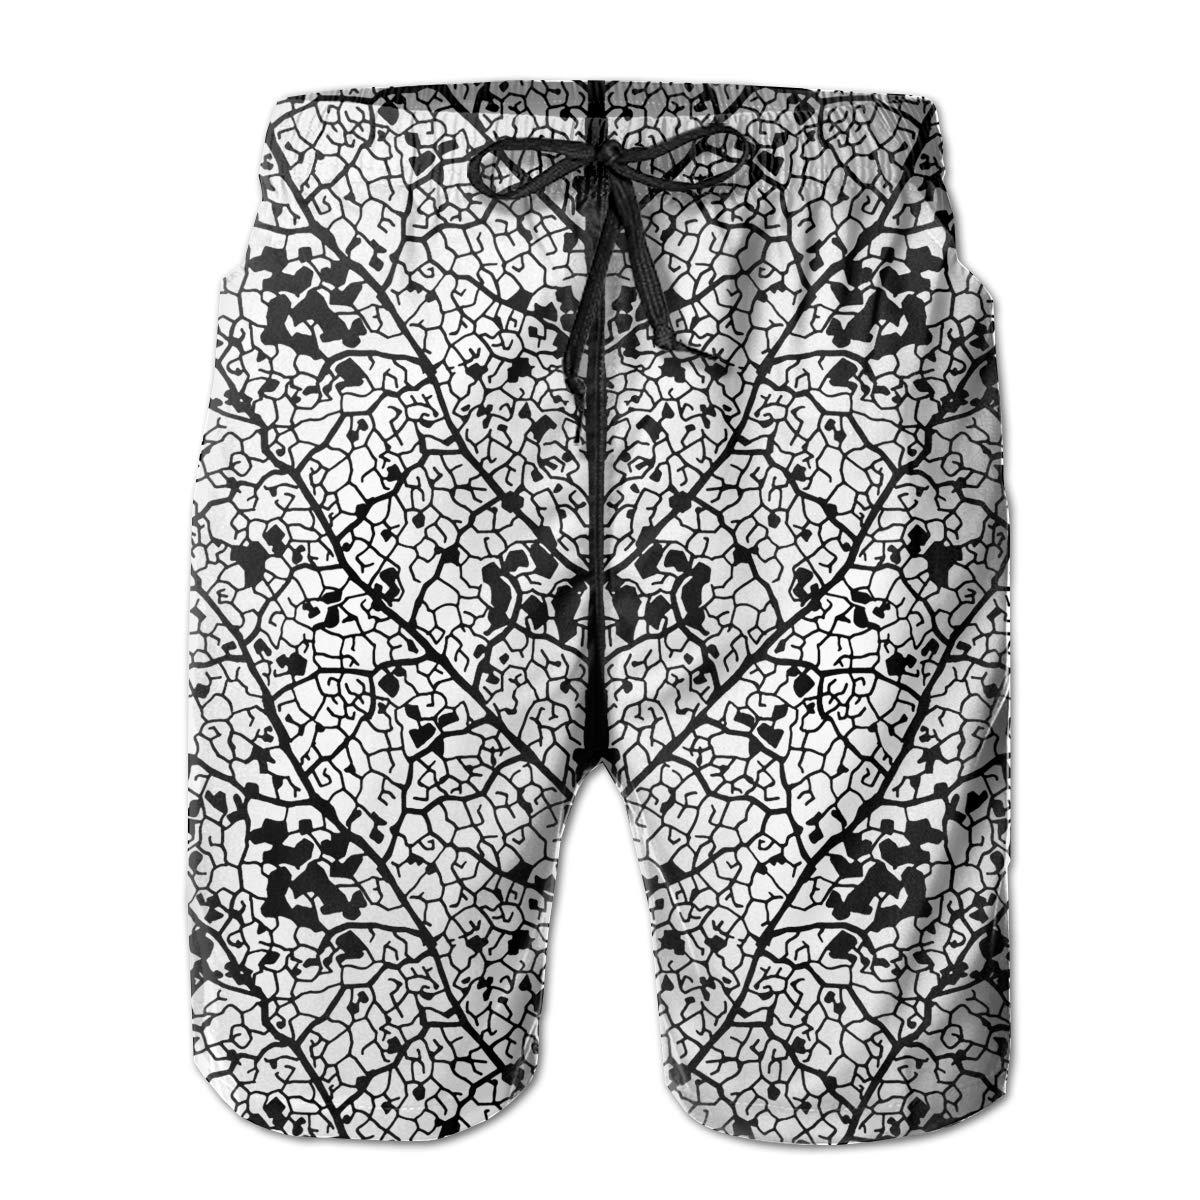 BJGXFMQ Homme Short de Bain Séchage Rapide 3D Printed Shorts de Plage Été Beach Shorts Shorts de bain Maillots de bain